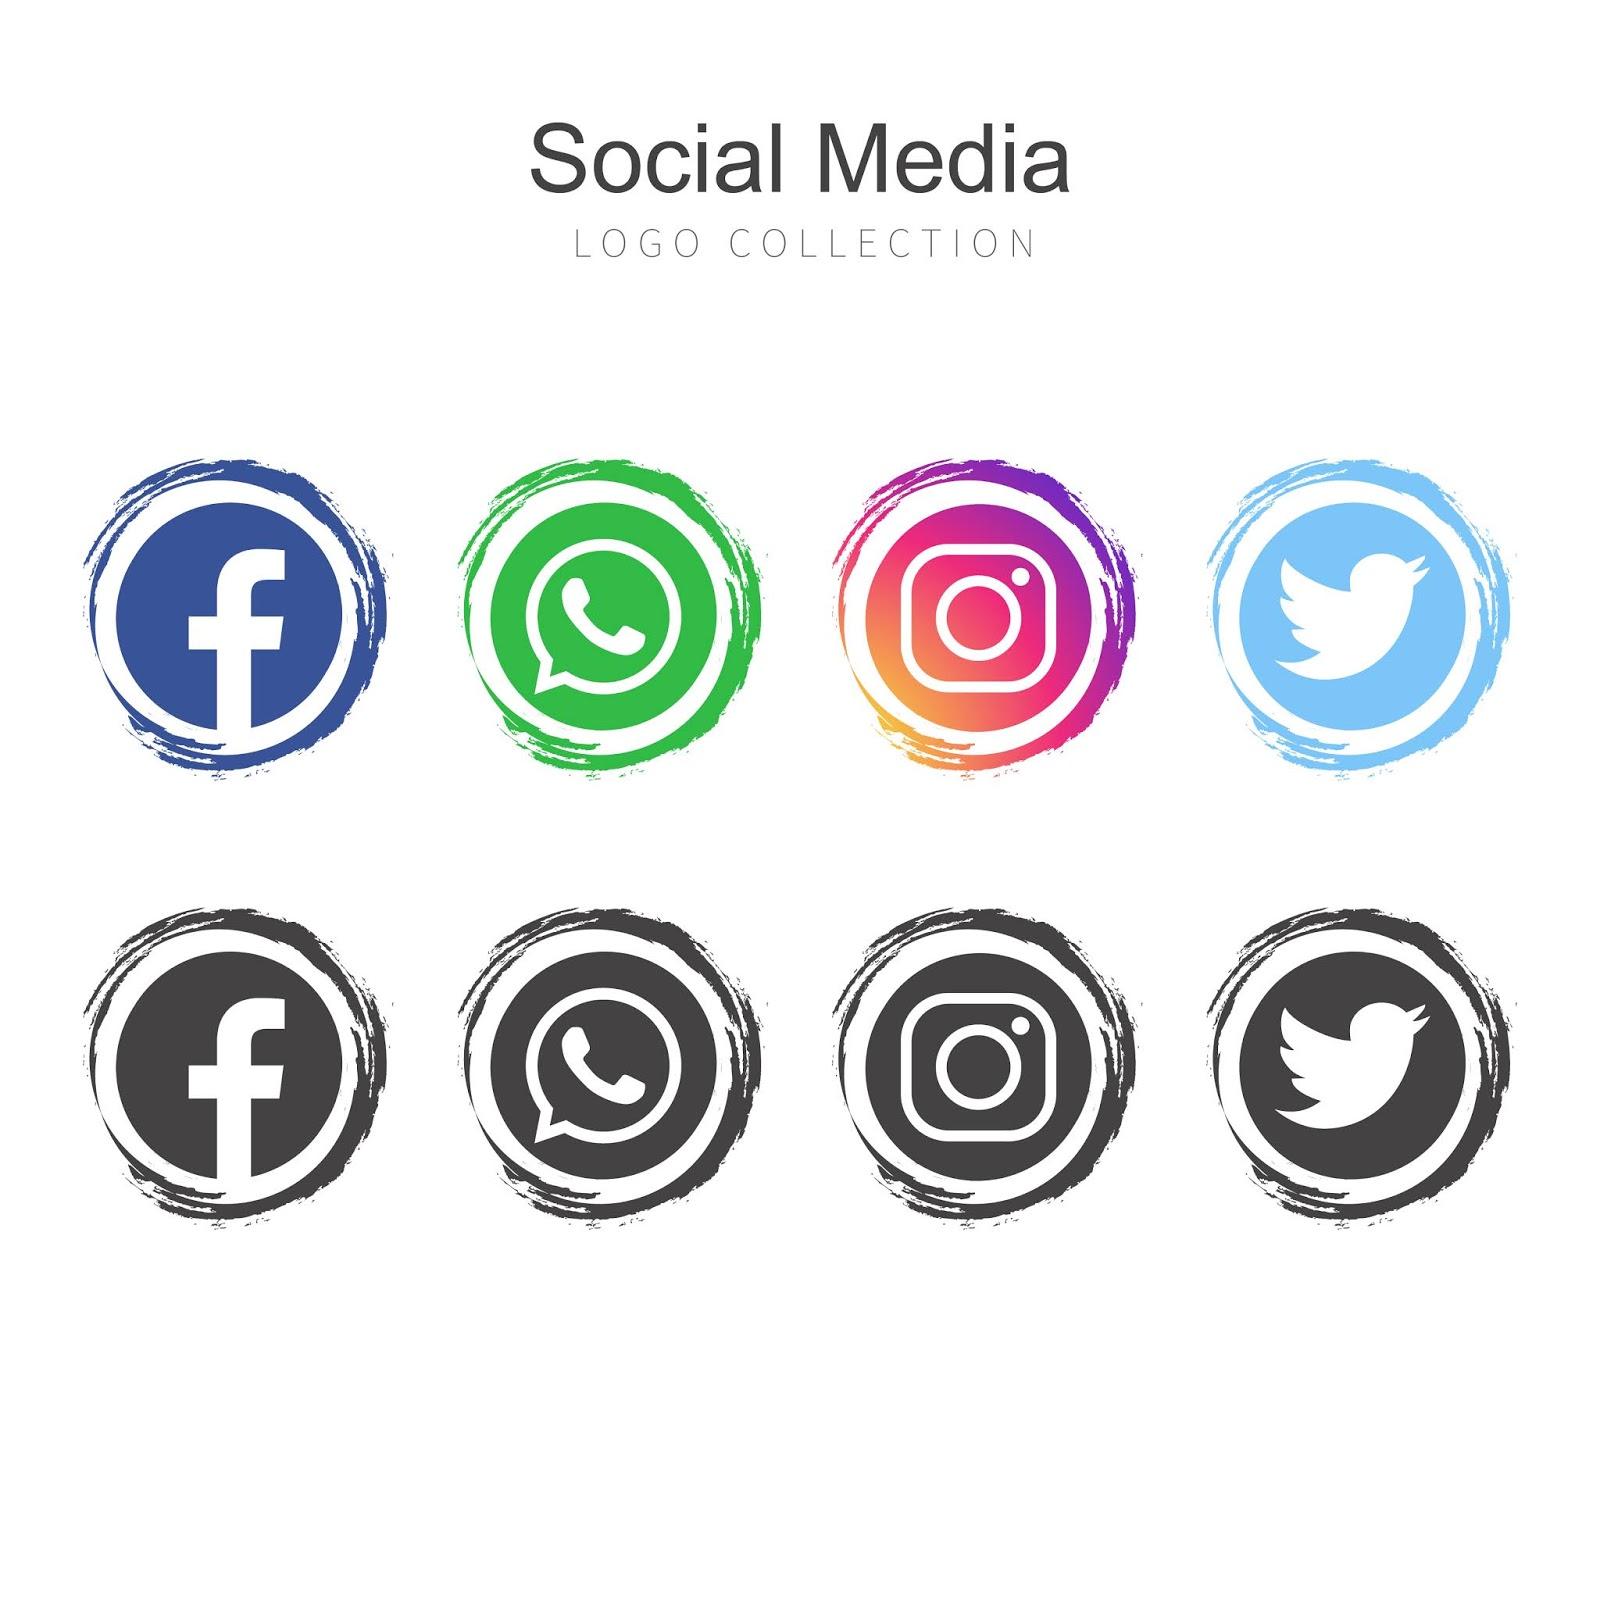 ايقونات التواصل الاجتماعي Png بدون خلفية مجانا 1